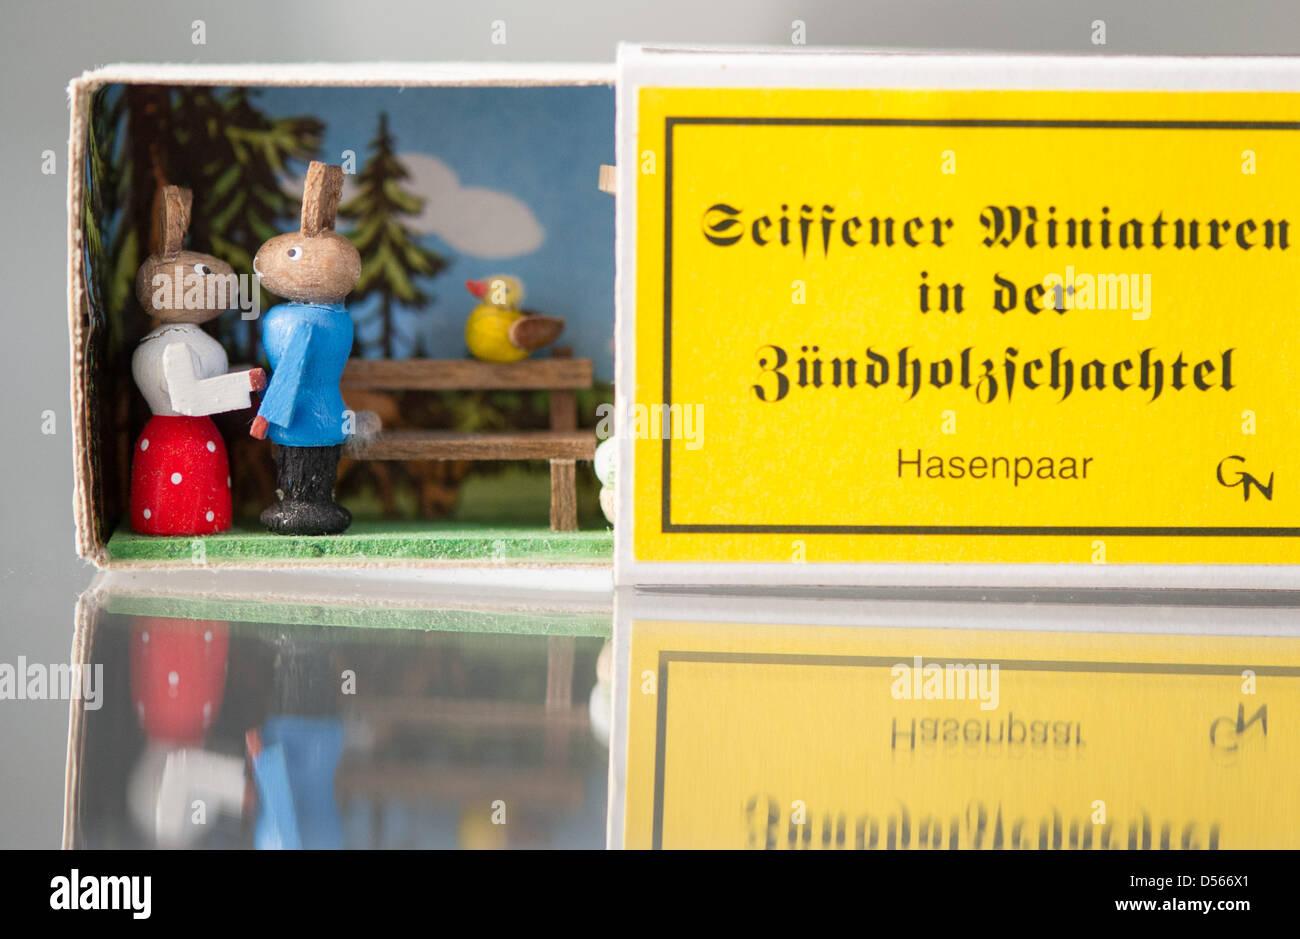 Collezionista Di Scatole Fiammiferi una persona presenta una scatola di fiammiferi progettato